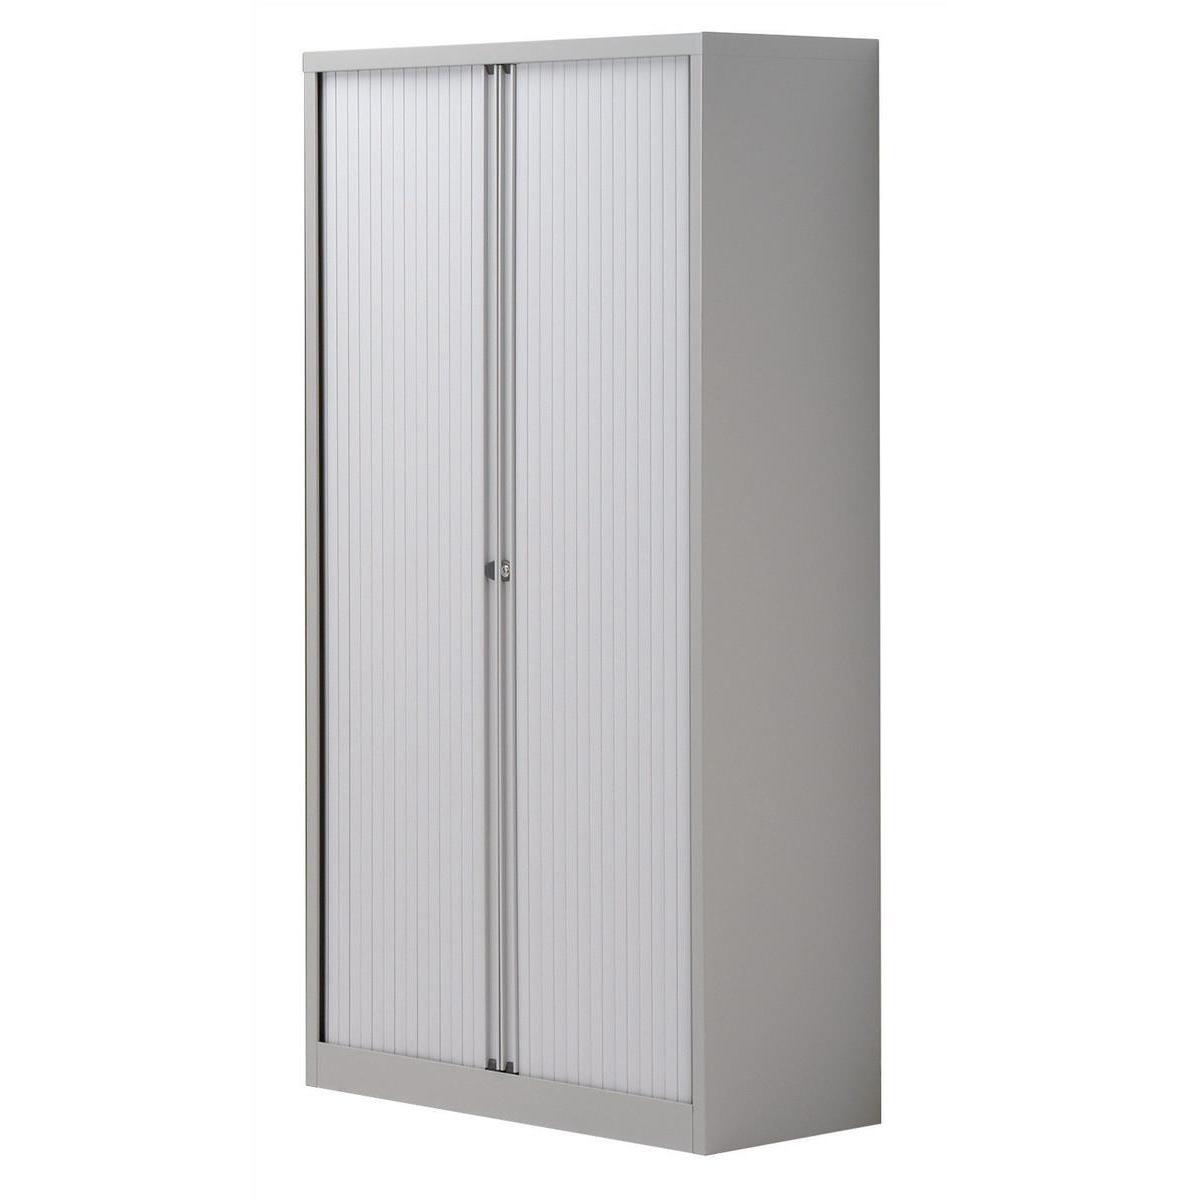 Storage cabinets Trexus by Bisley Side Opening Tambour Door Cupboard 1000x470x1970-1985mm Grey/Grey Ref YETB1019.1